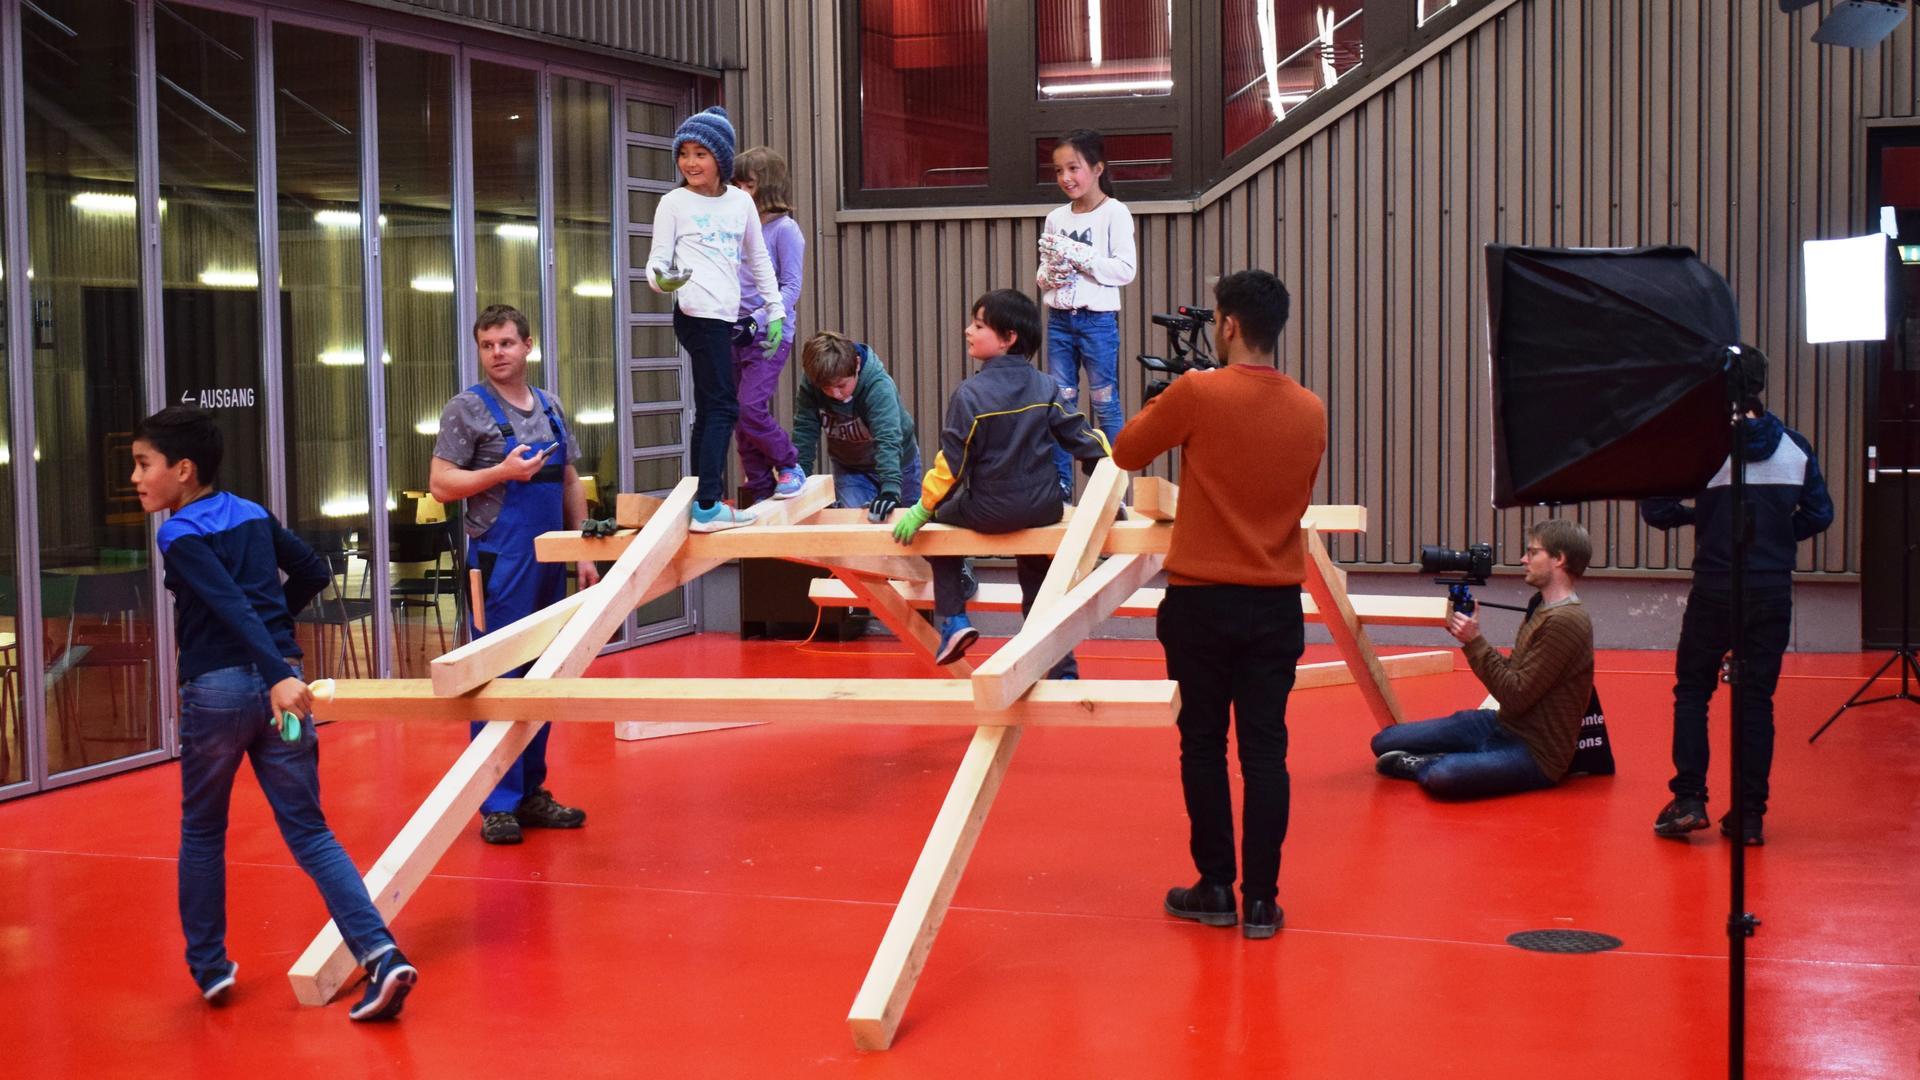 Impression des Videodrehs von der Experimentierreihe «Atlant & Arin» im Technorama in Winterthur.